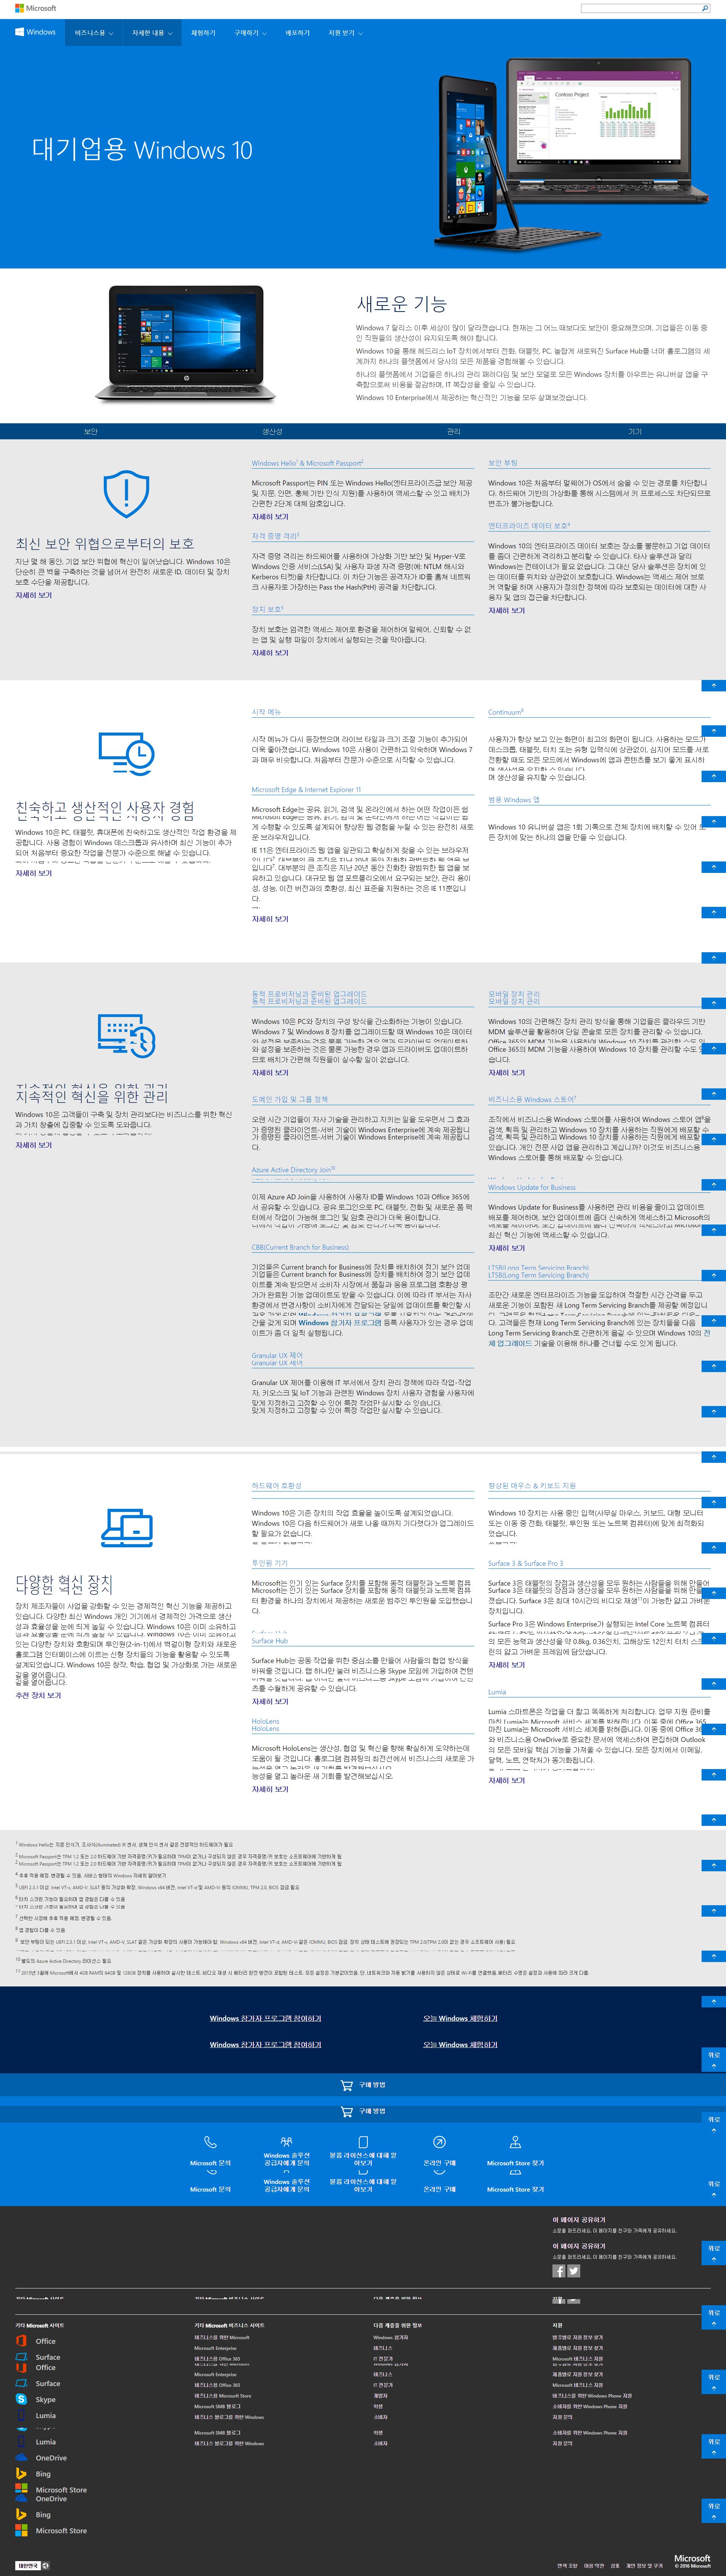 대기업용 Windows 10